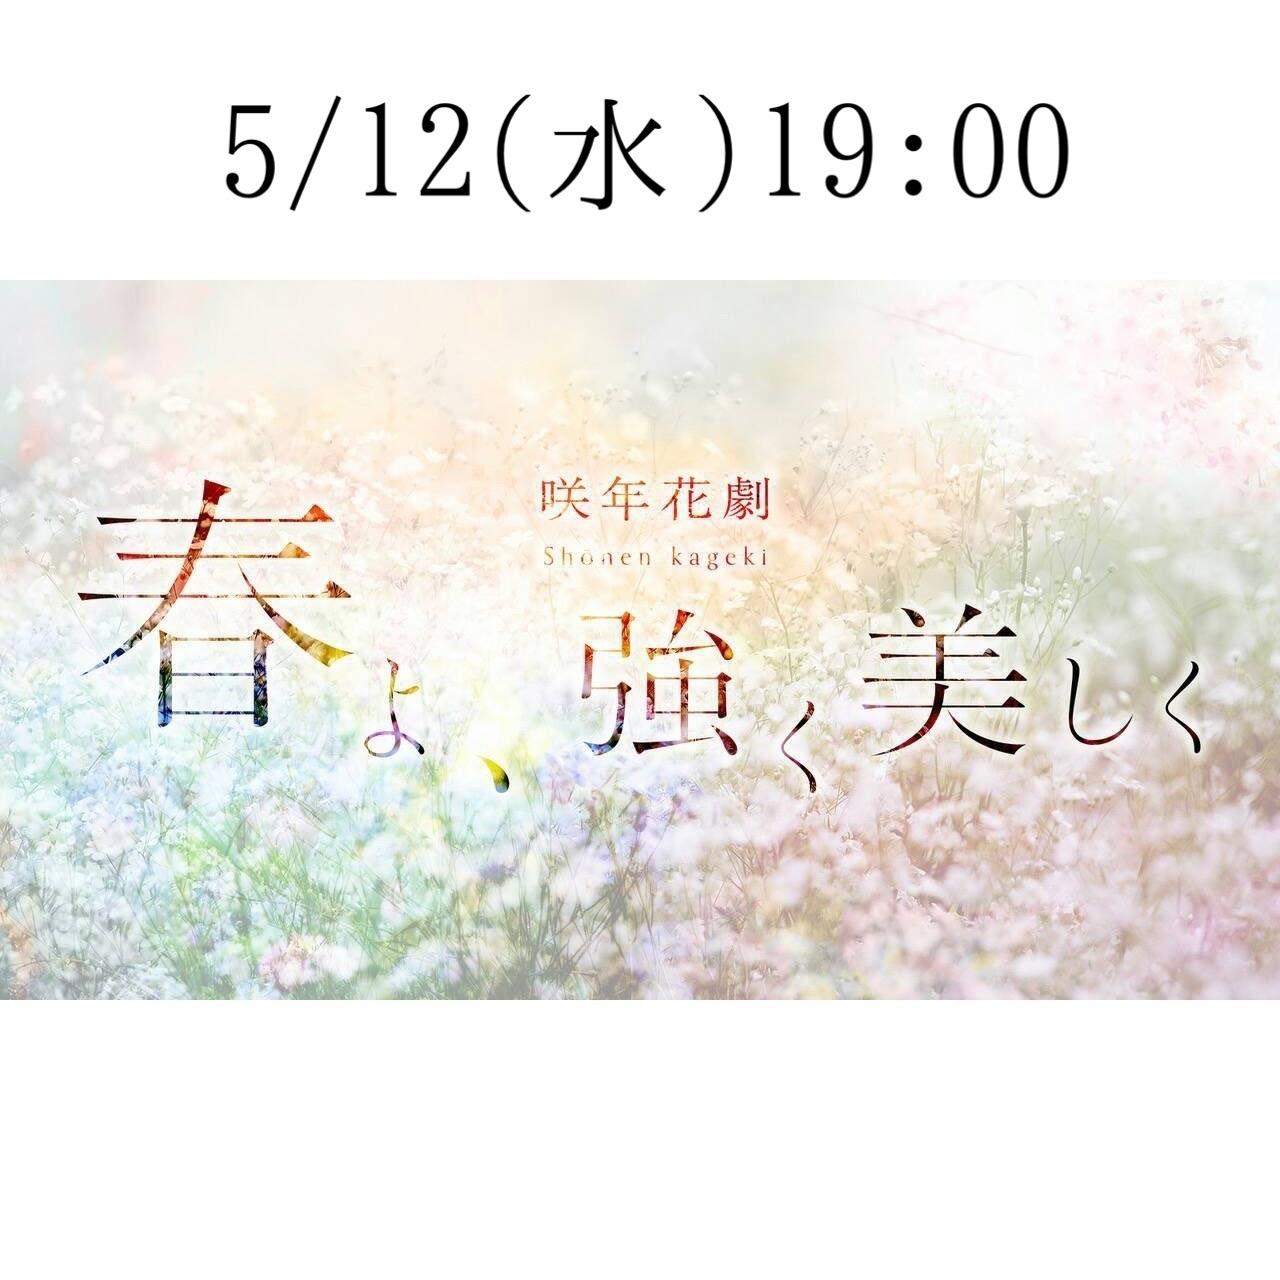 【5月12日(水) 19:00】咲年花劇「春よ、強く美しく」